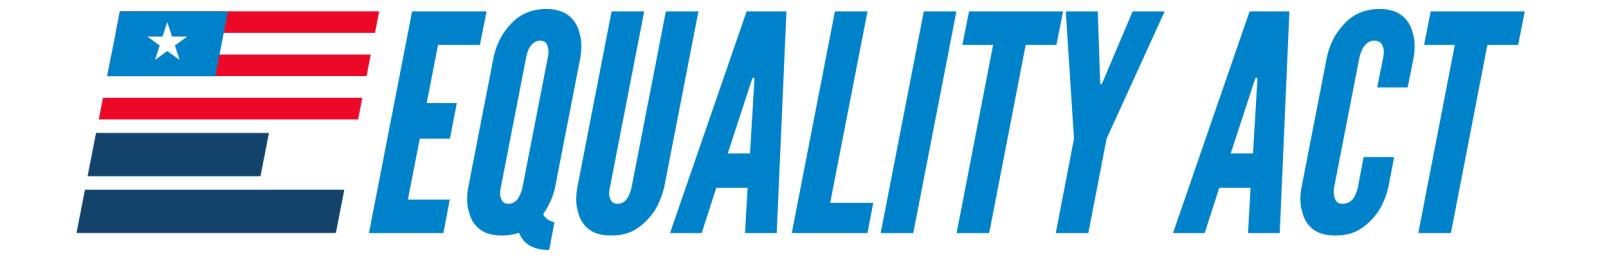 Equality Act logo